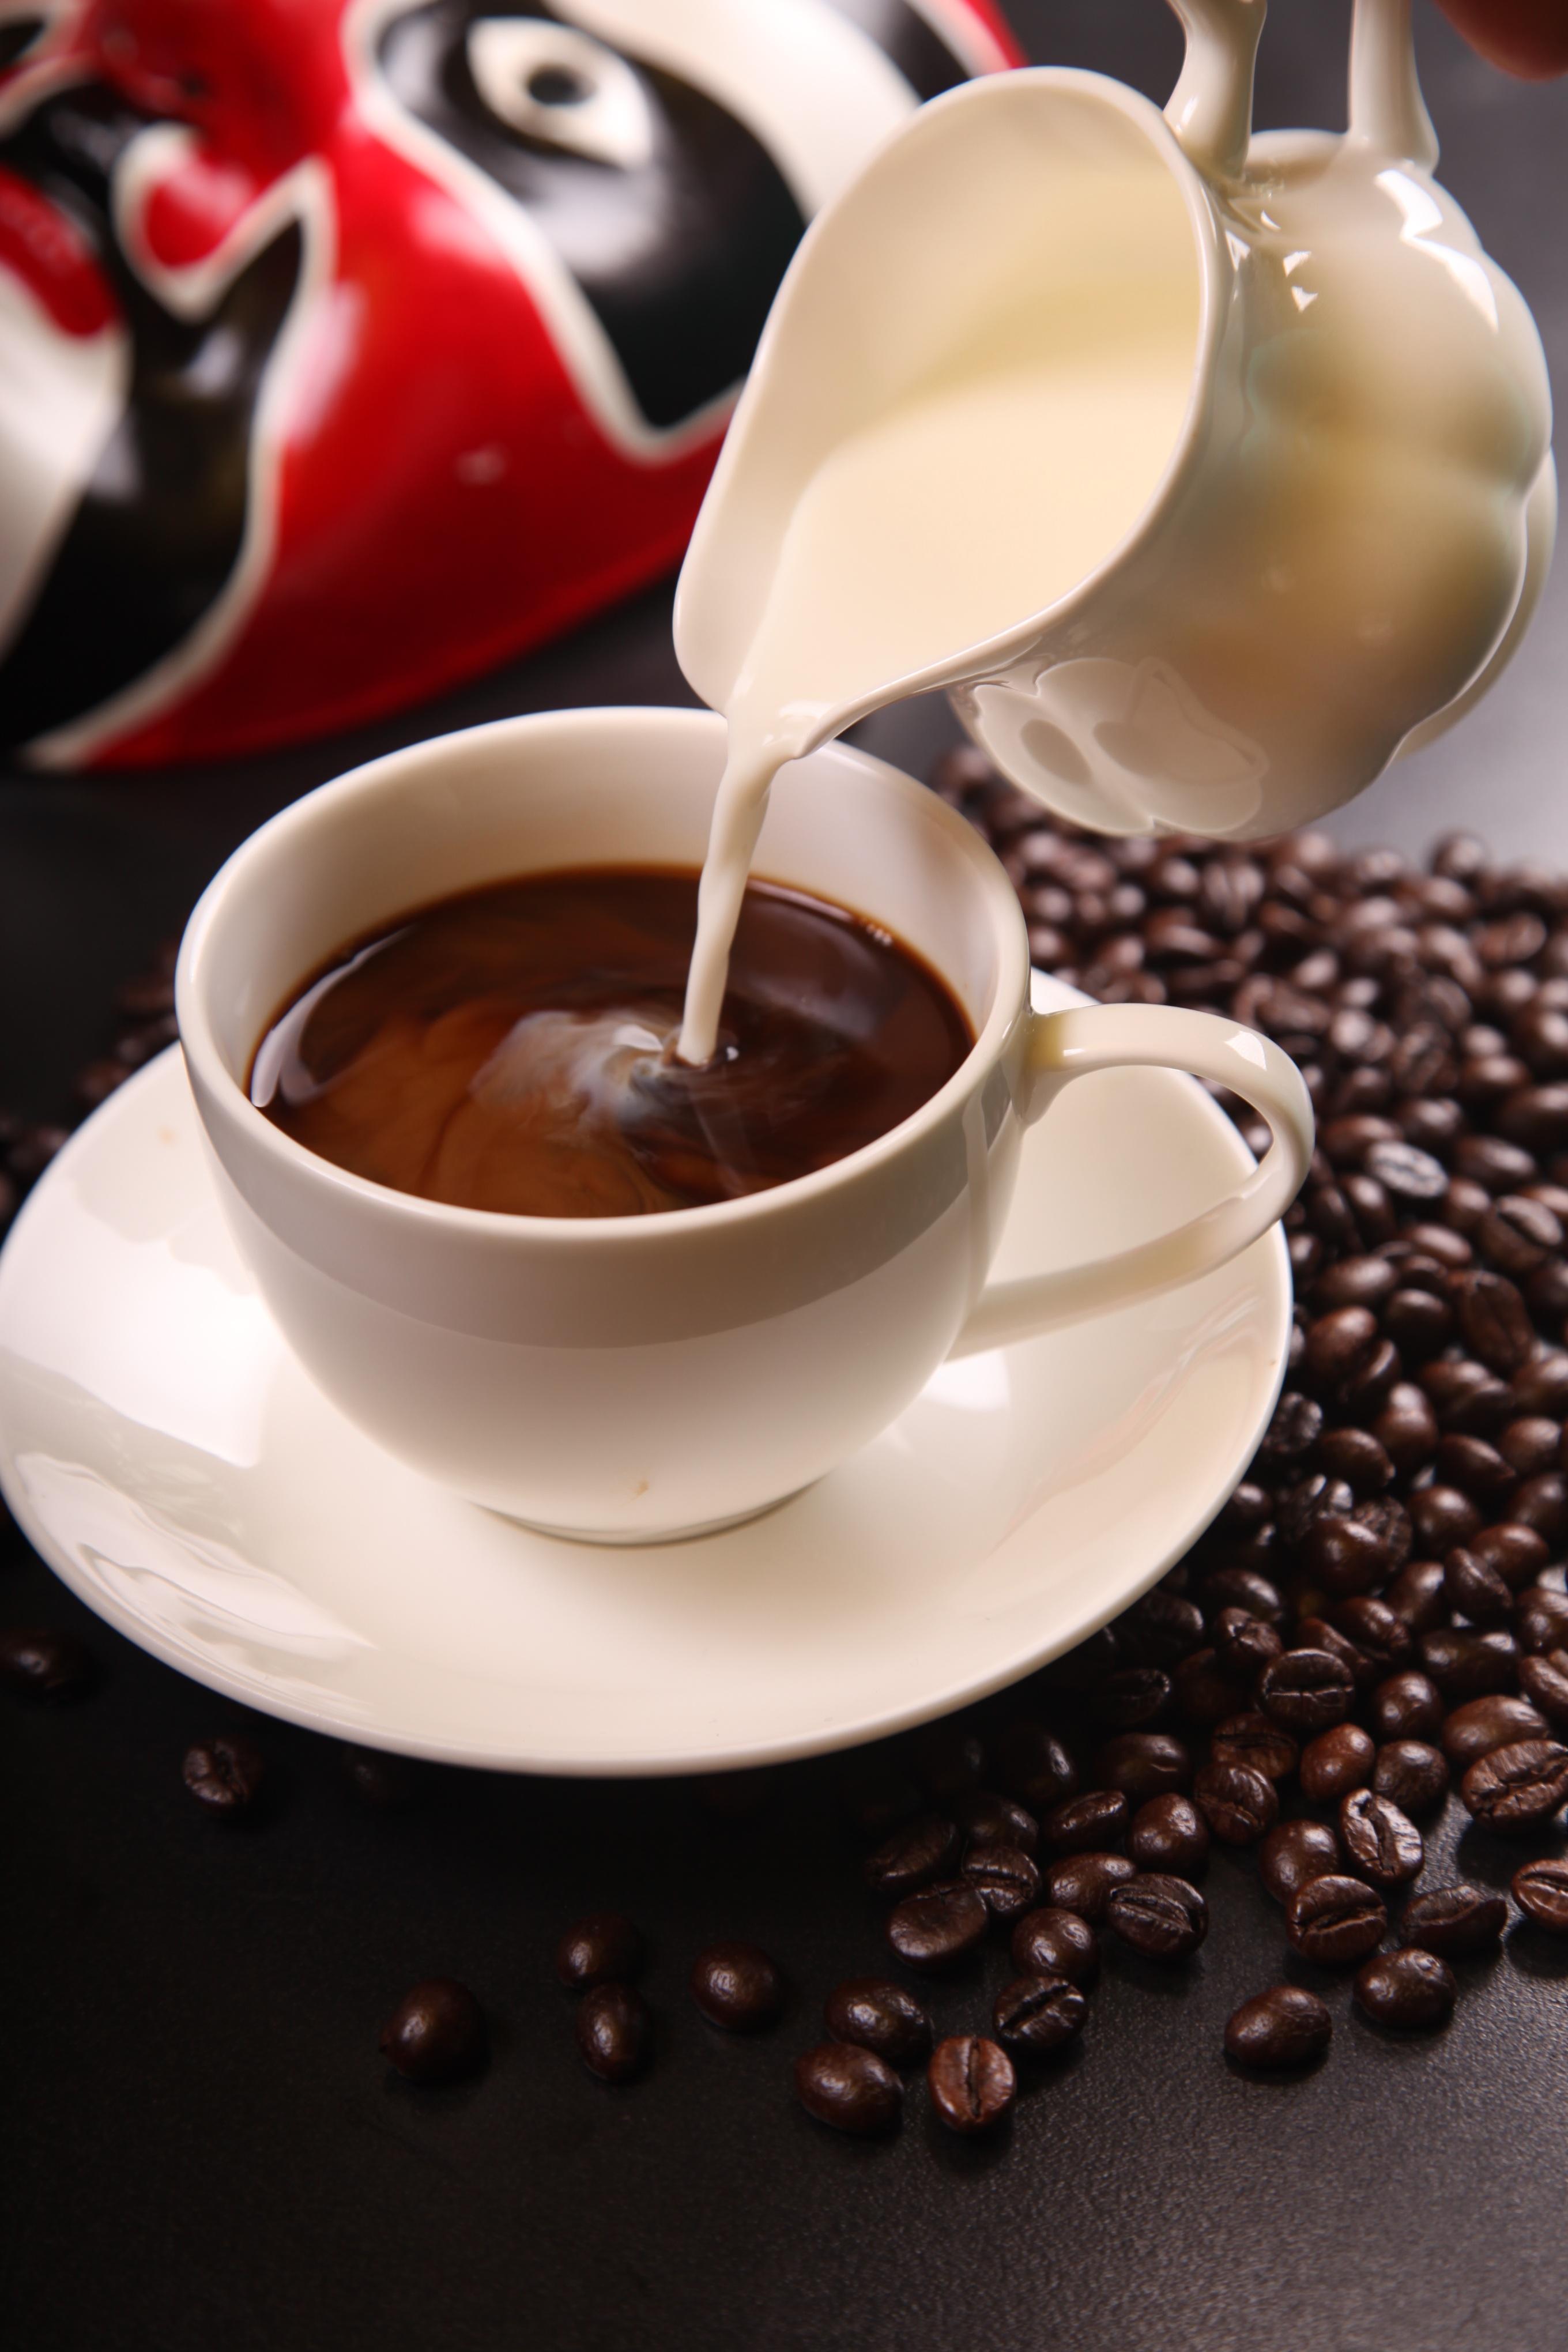 Поздравительные, кофе с молоком картинки красивые